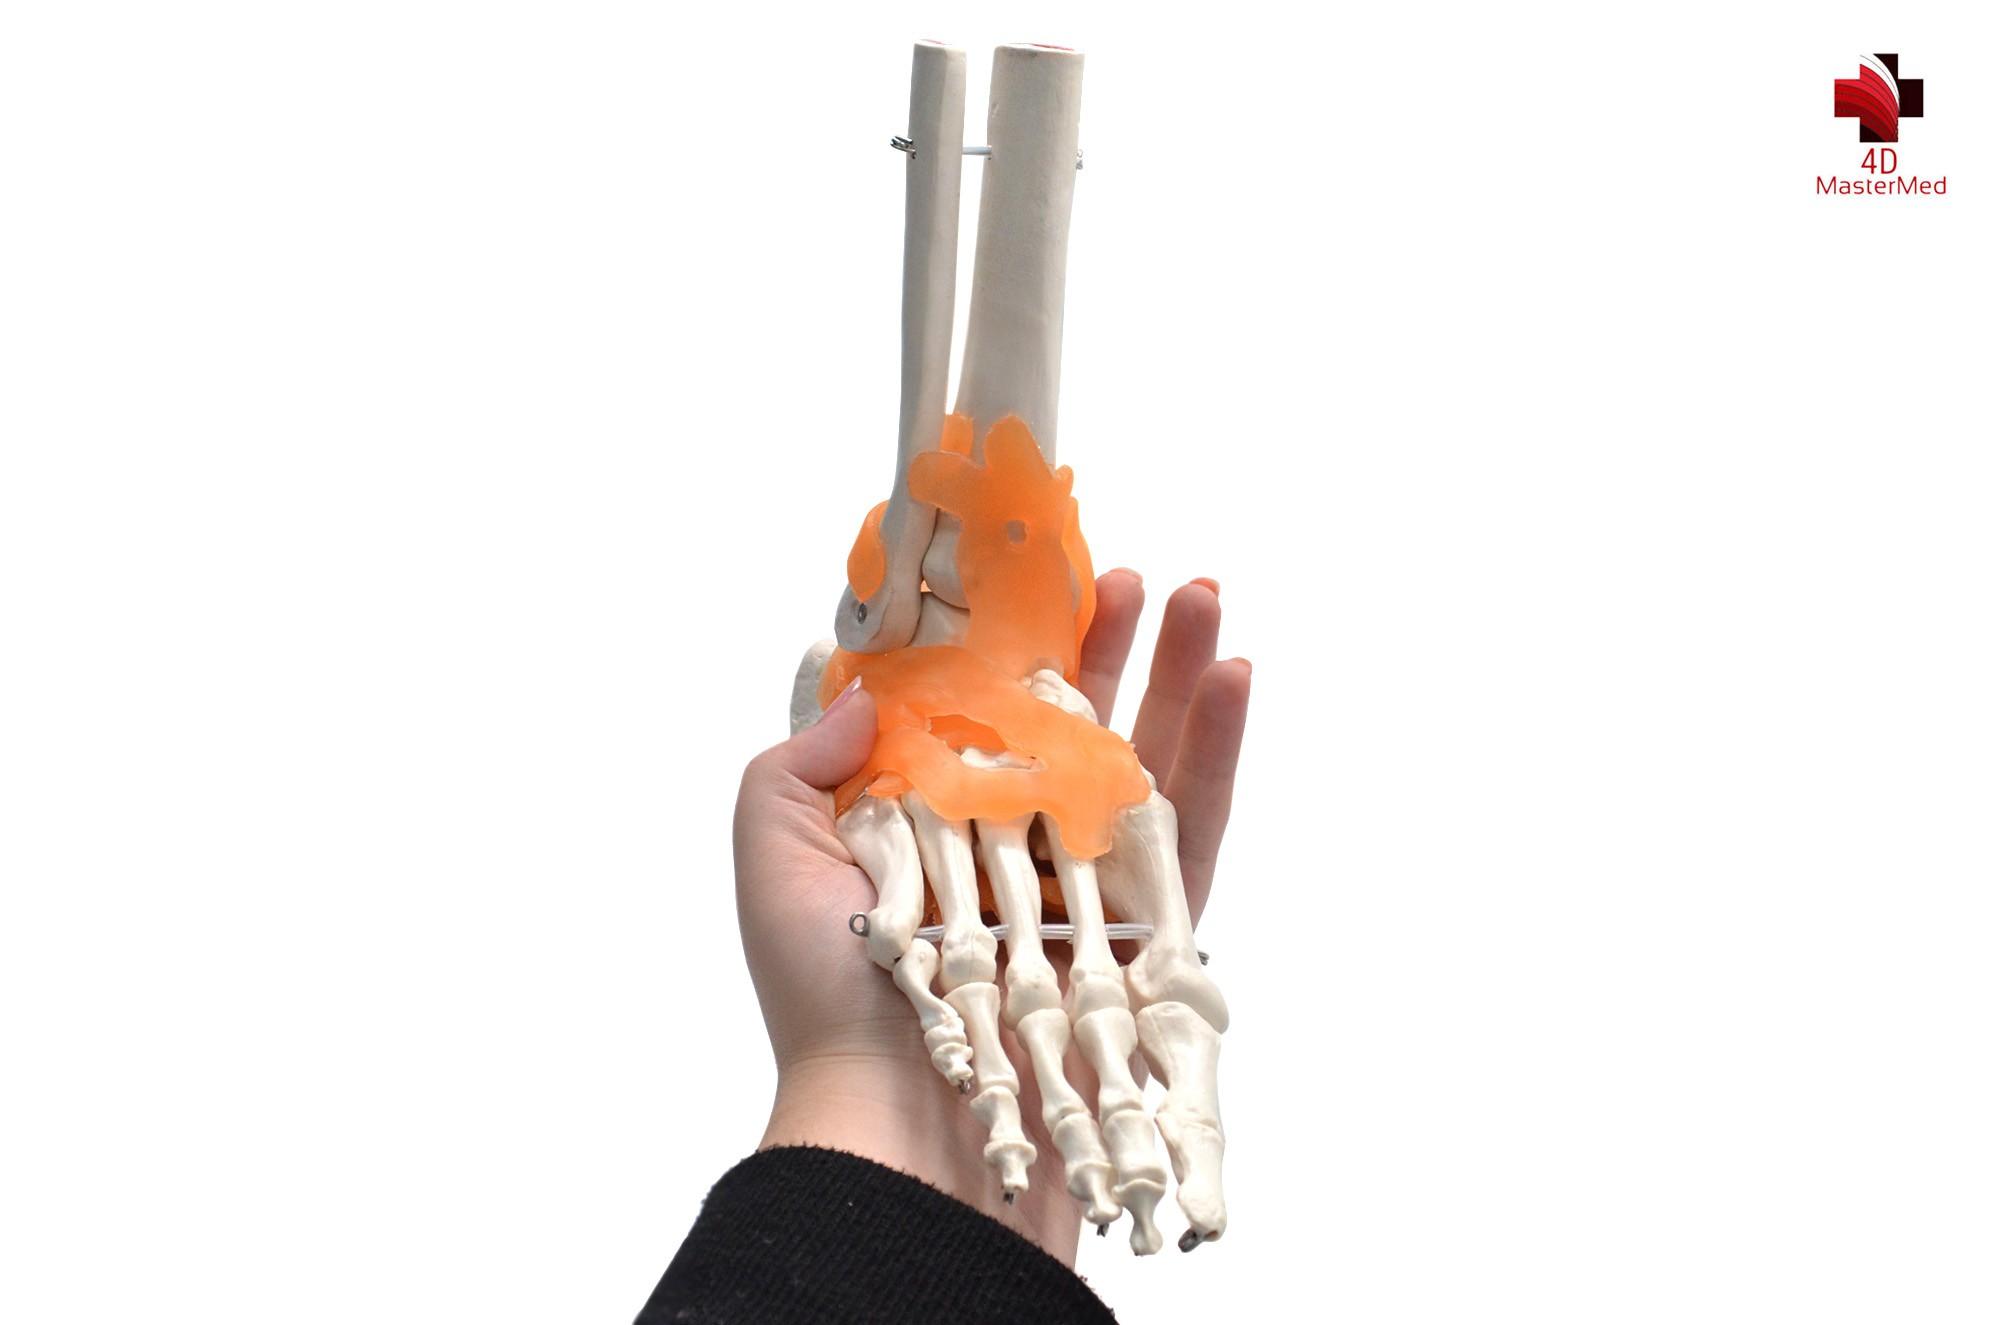 Anatomia da Articulação do Pé com ligamento